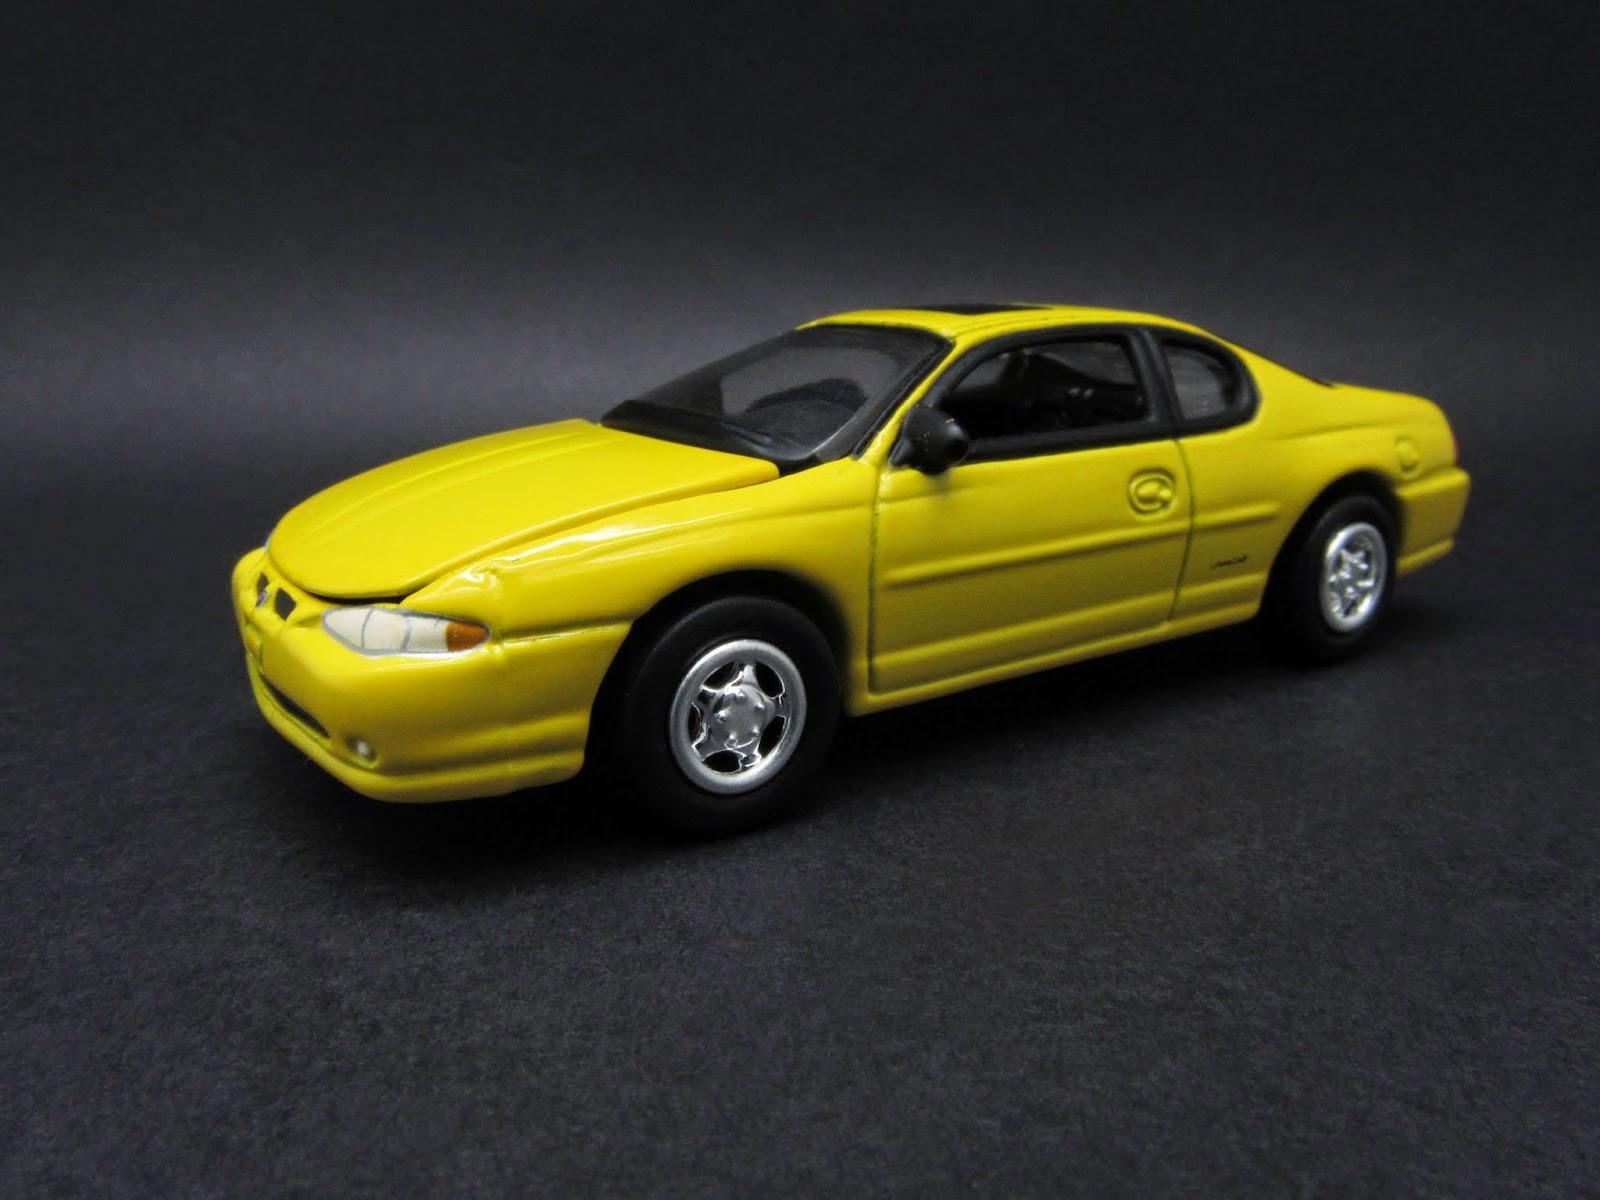 Diecast Hobbist 2002 Chevrolet Monte Carlo